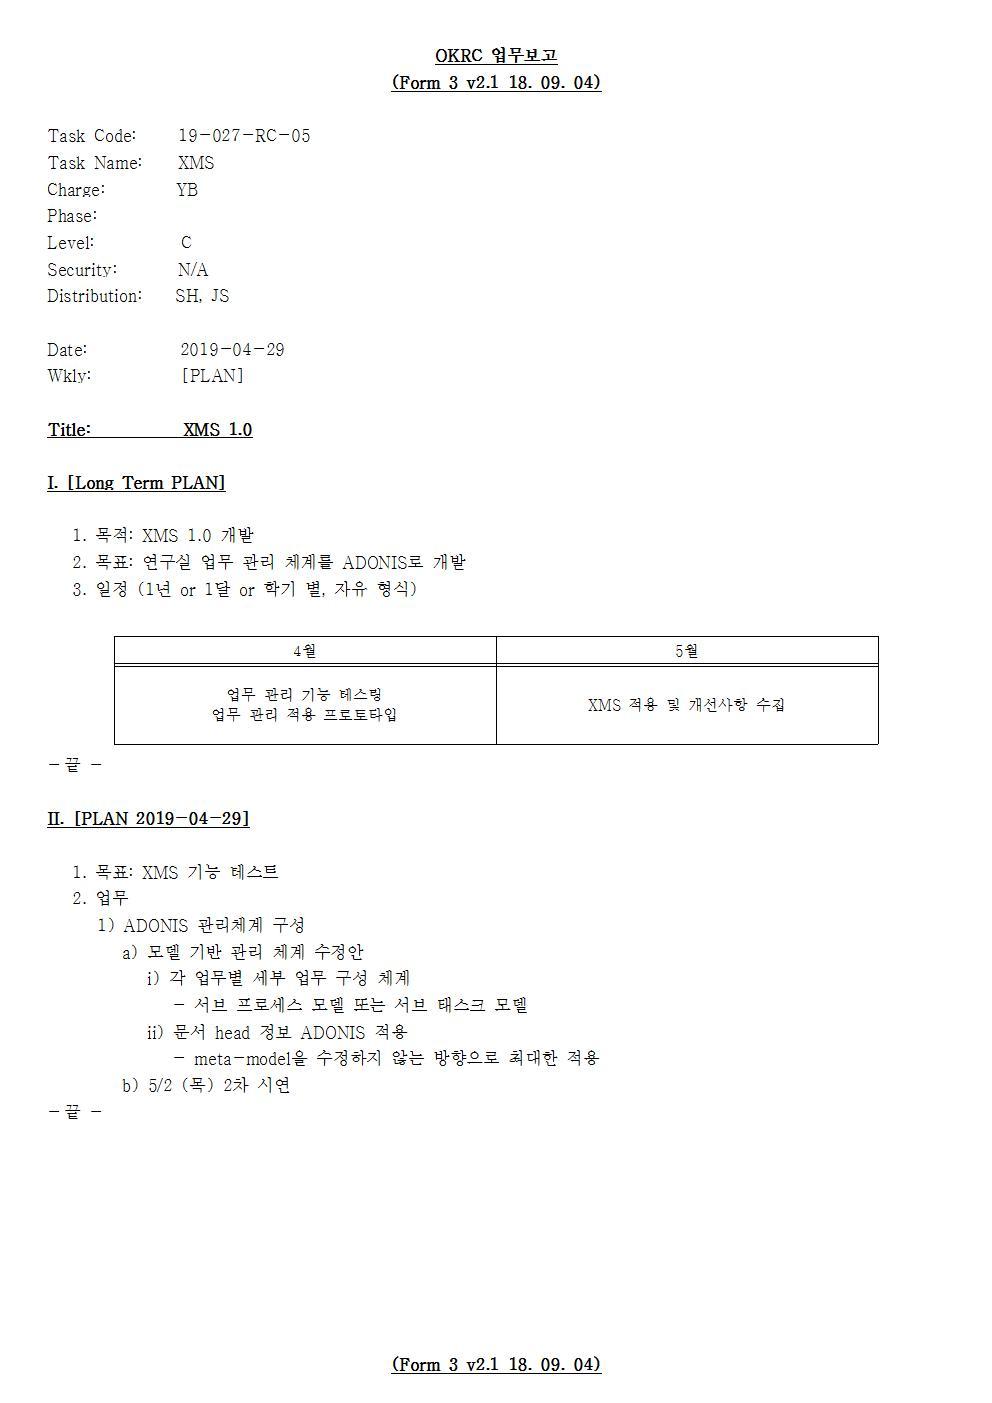 D-[19-027-RC-05]-[XMS]-[2019-04-29][YB]001.jpg